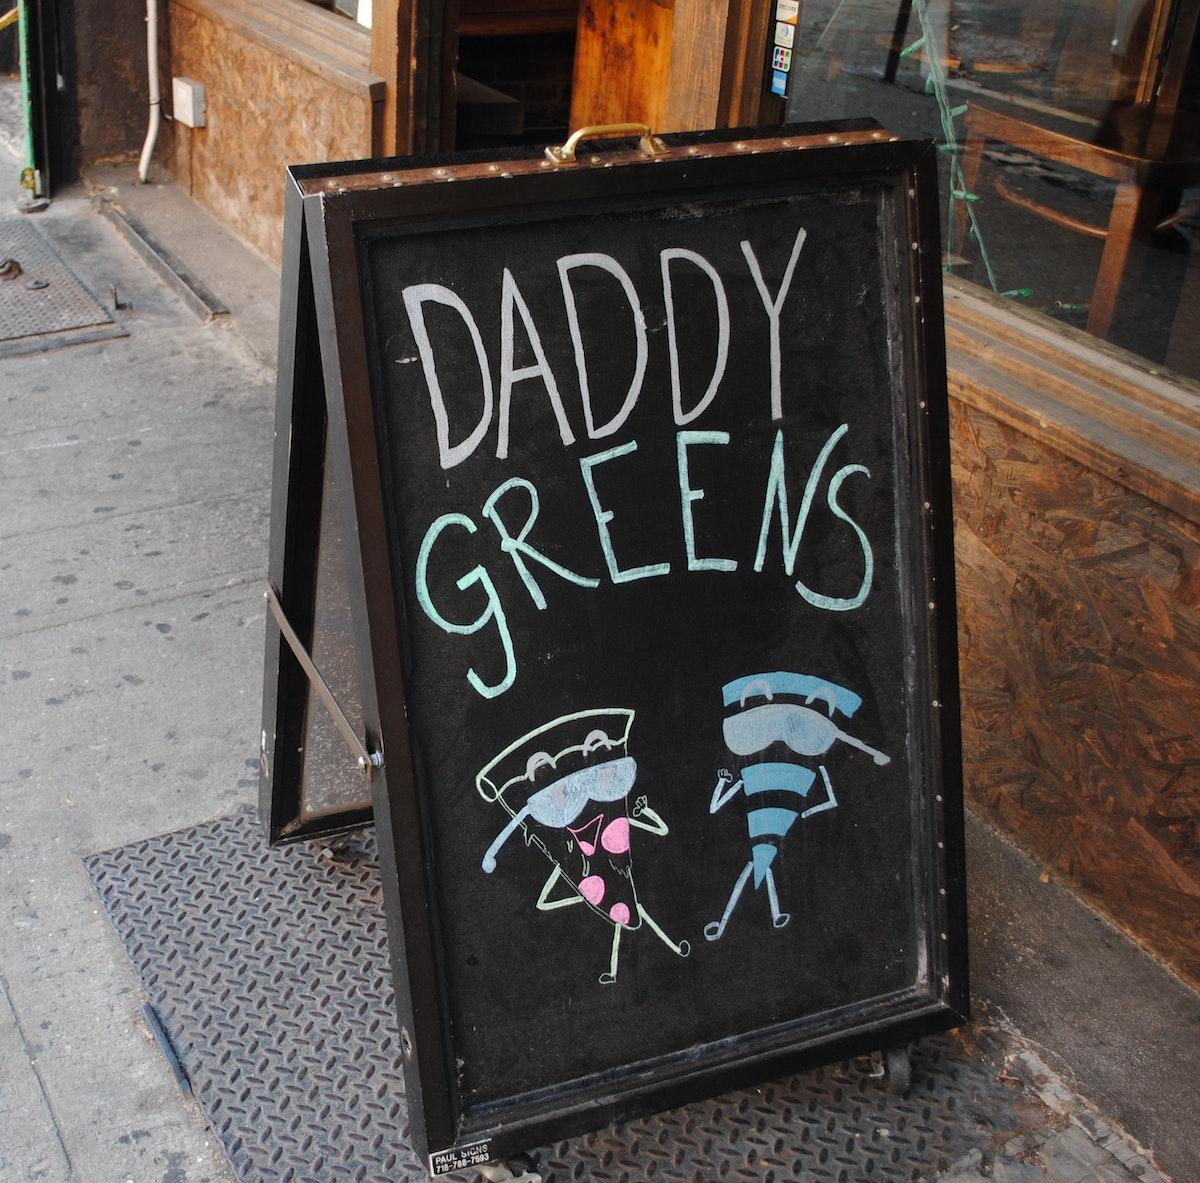 Daddy Greens